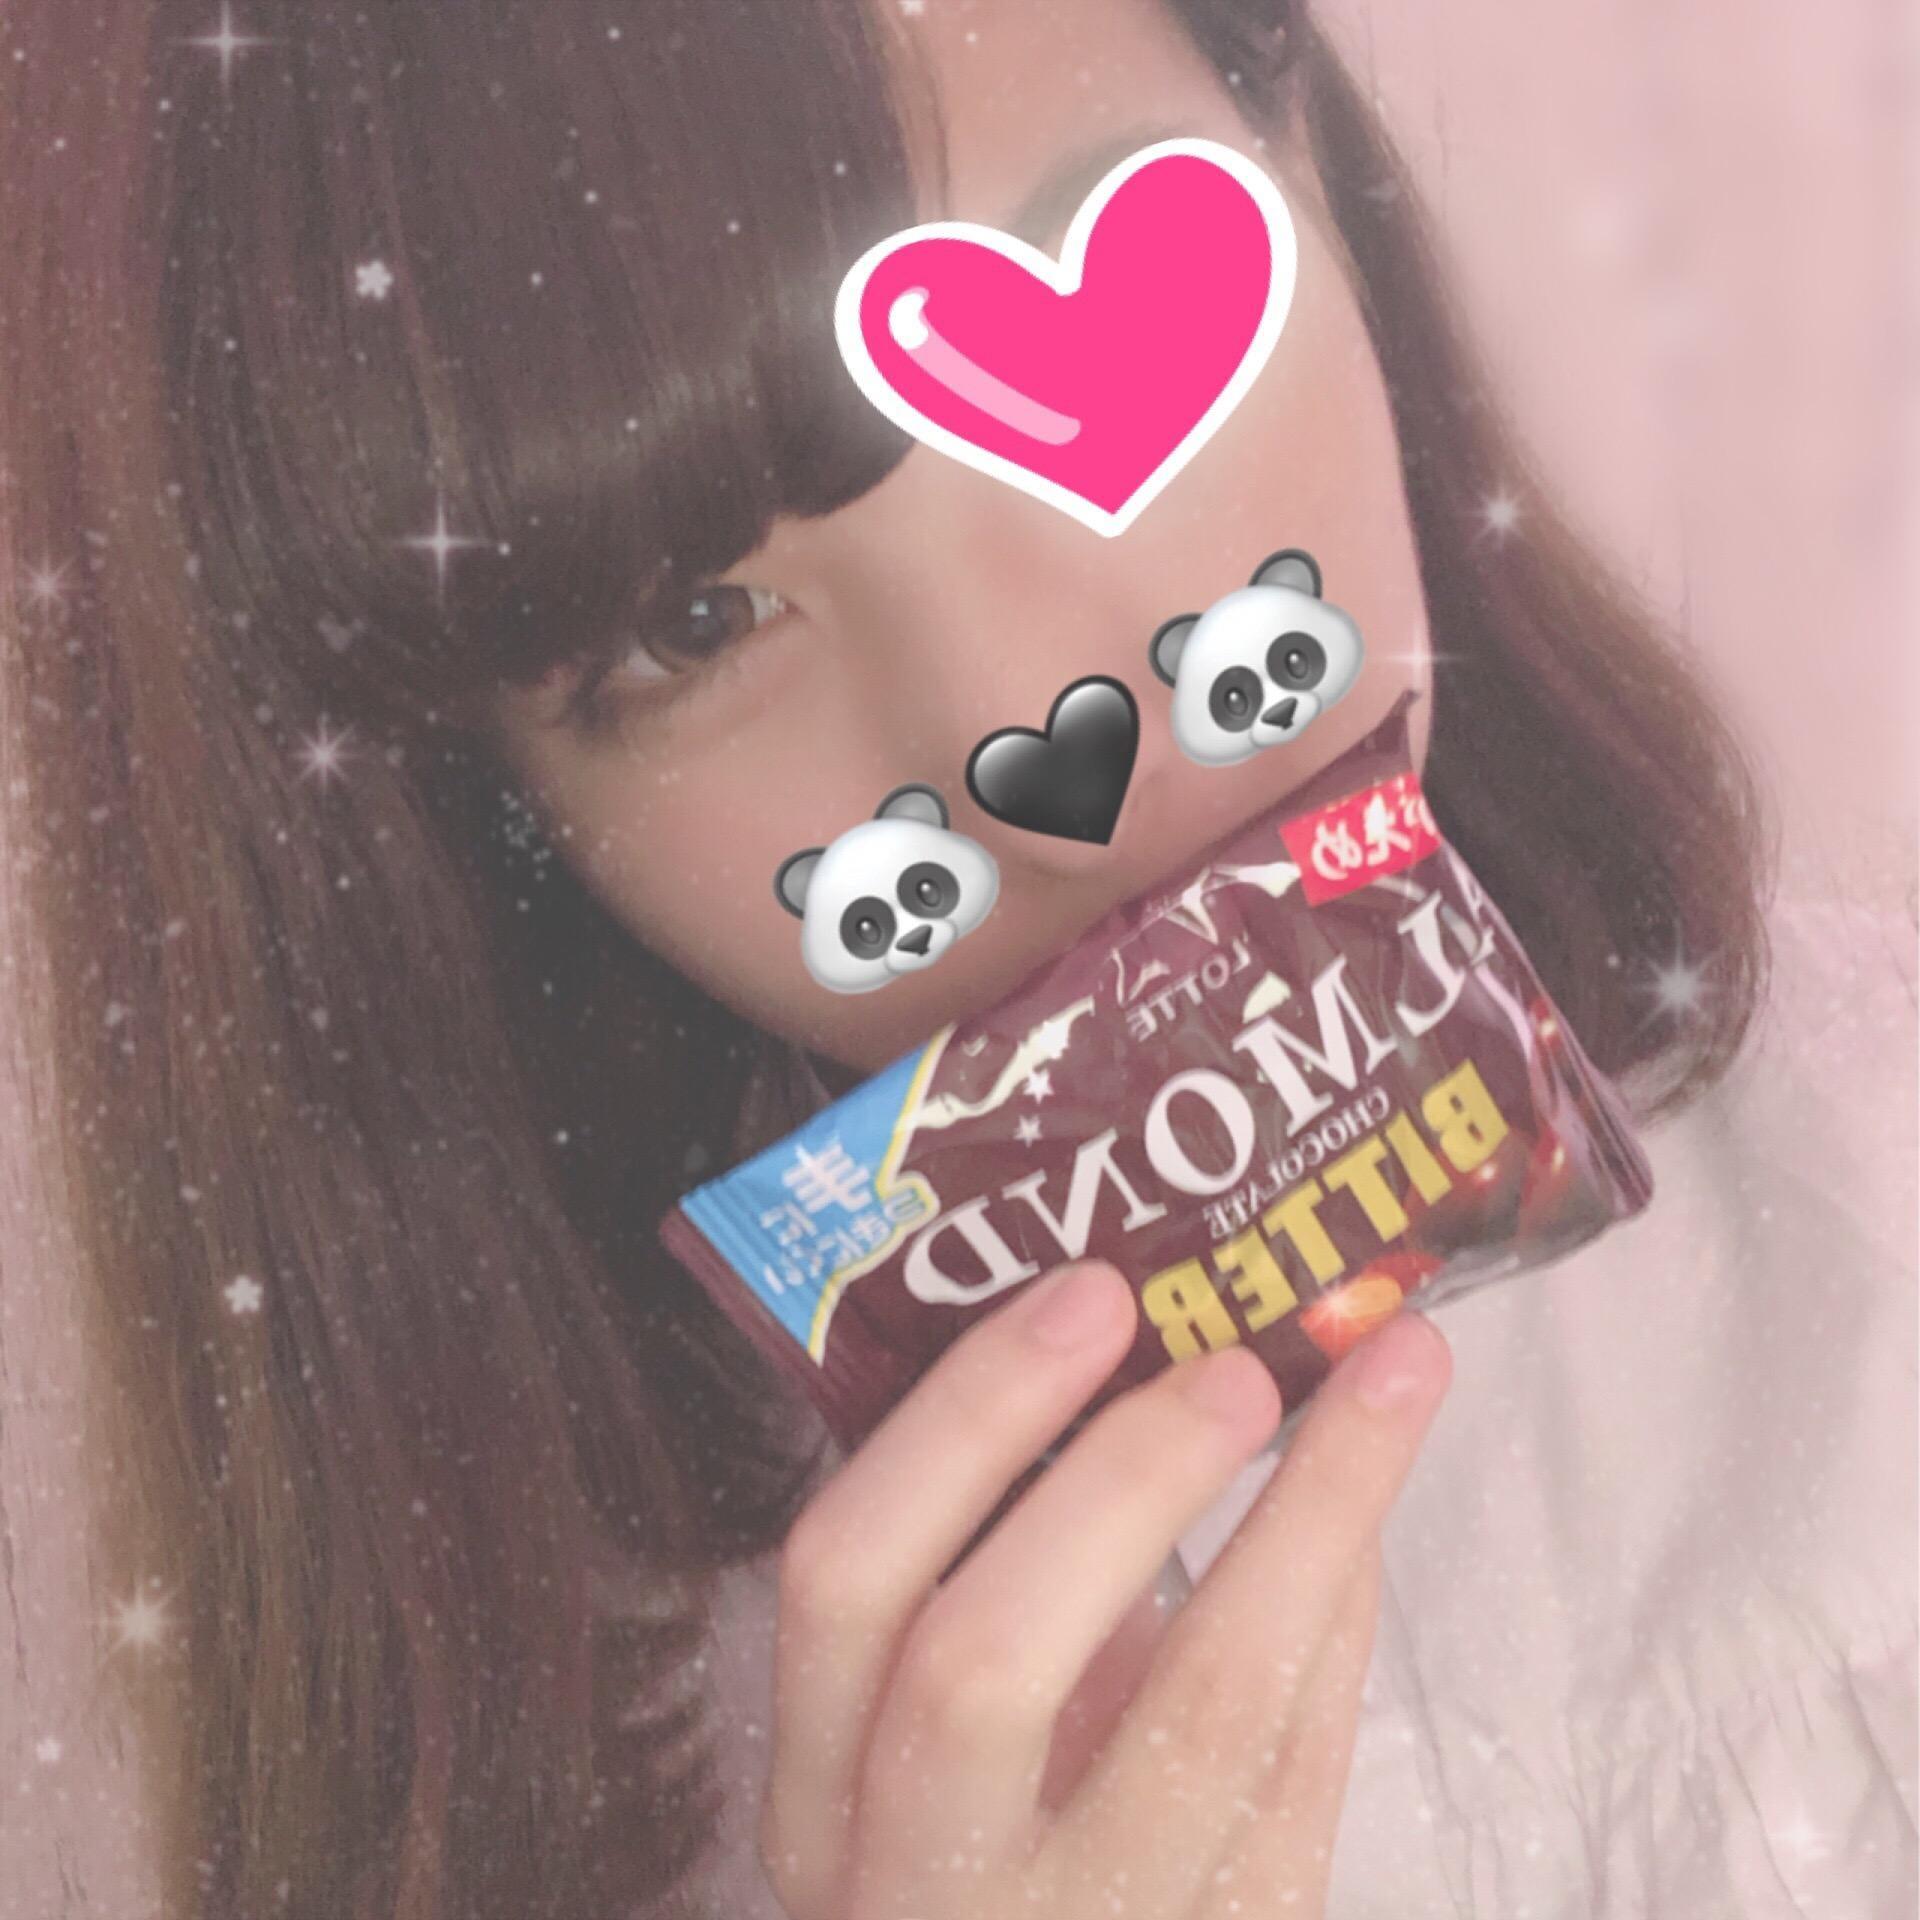 「ありがとう〜」07/17(火) 17:59 | ゆうりの写メ・風俗動画